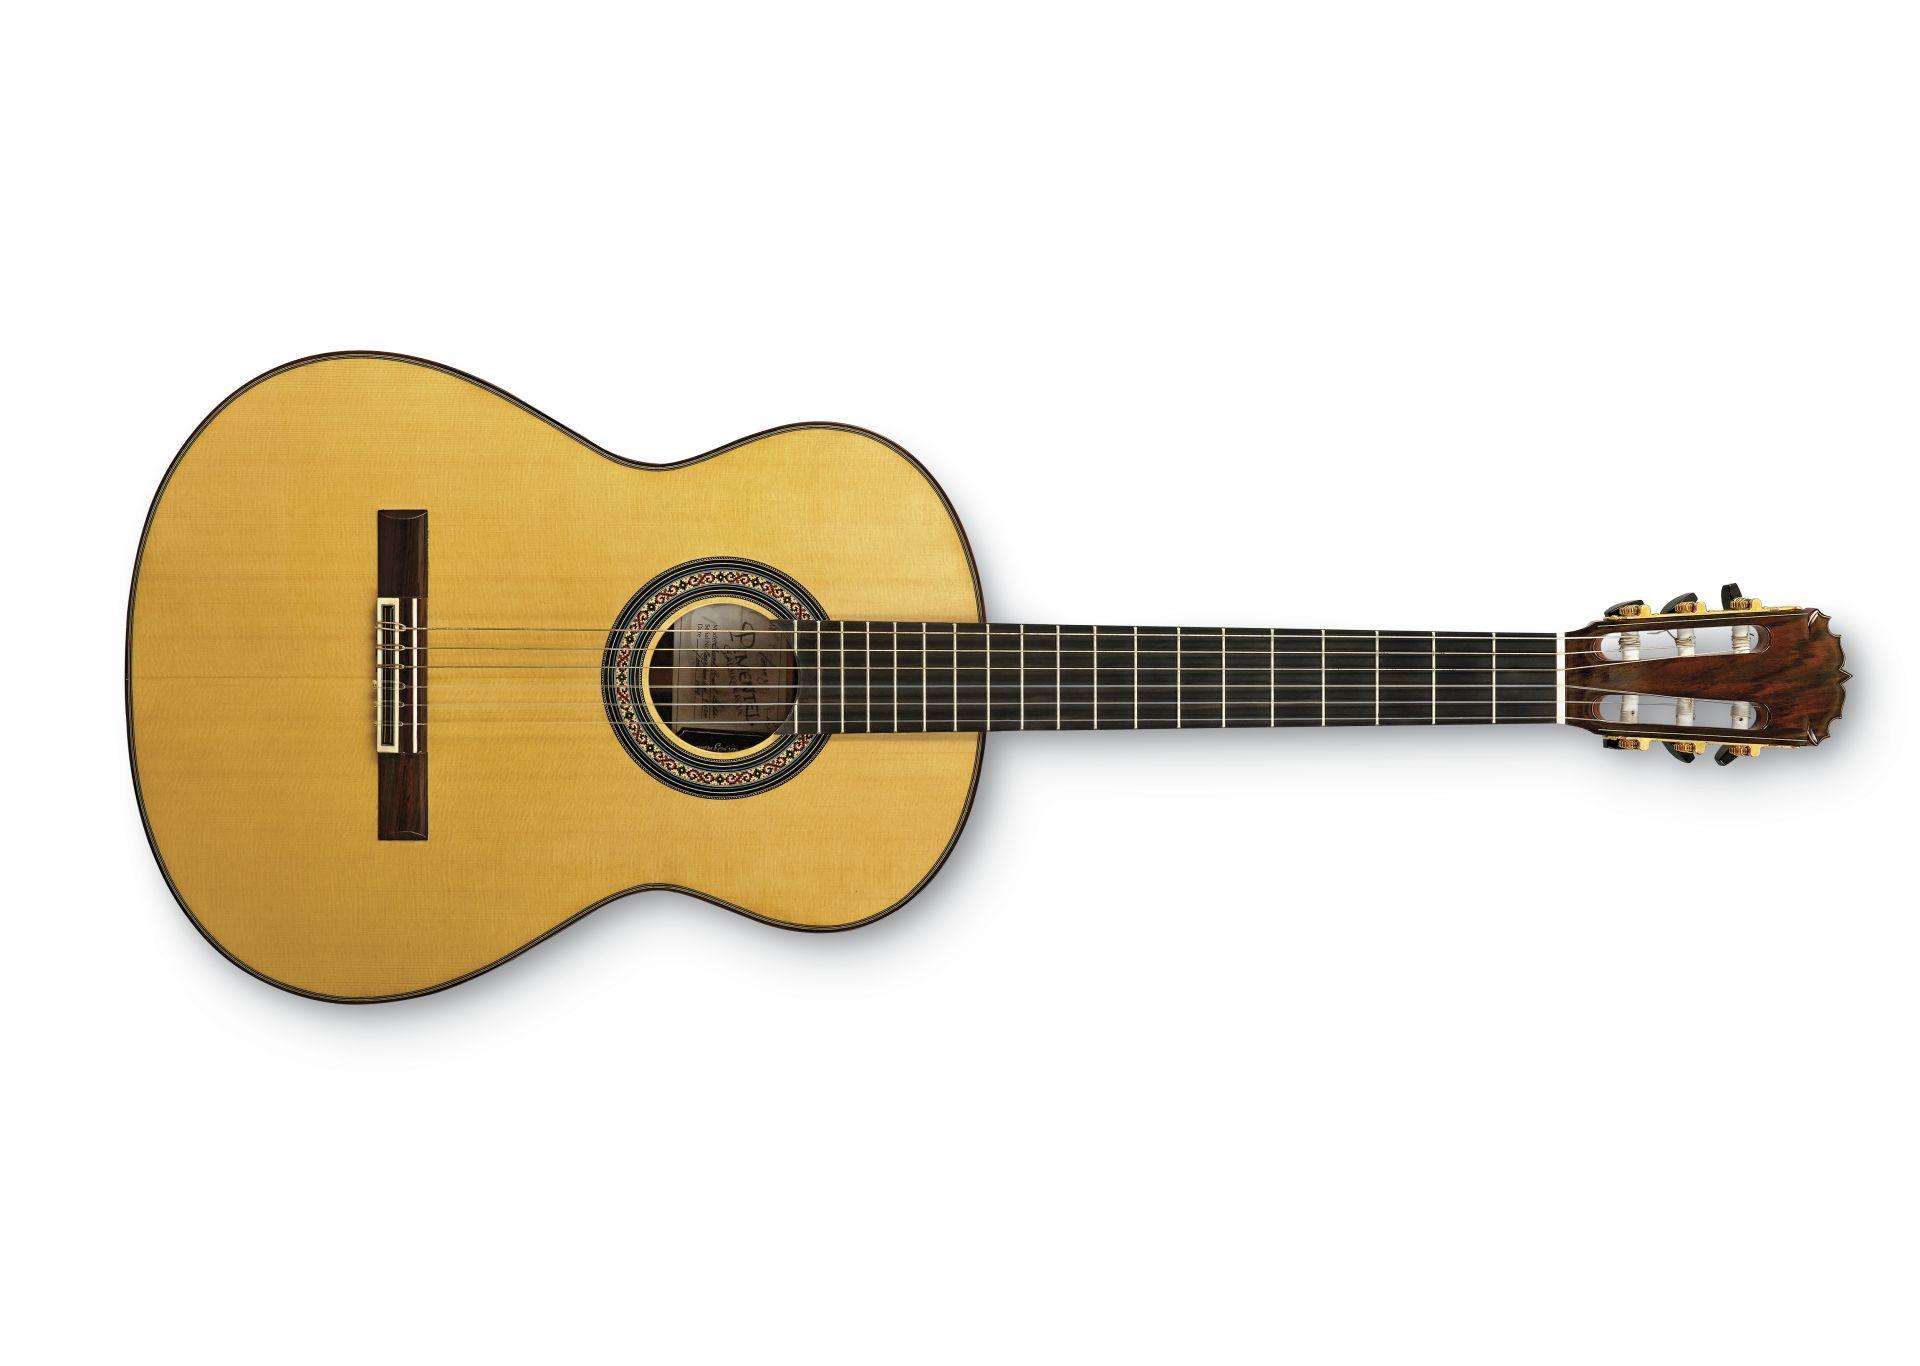 Lời khuyên khi mua guitar cũ bạn cần chú ý